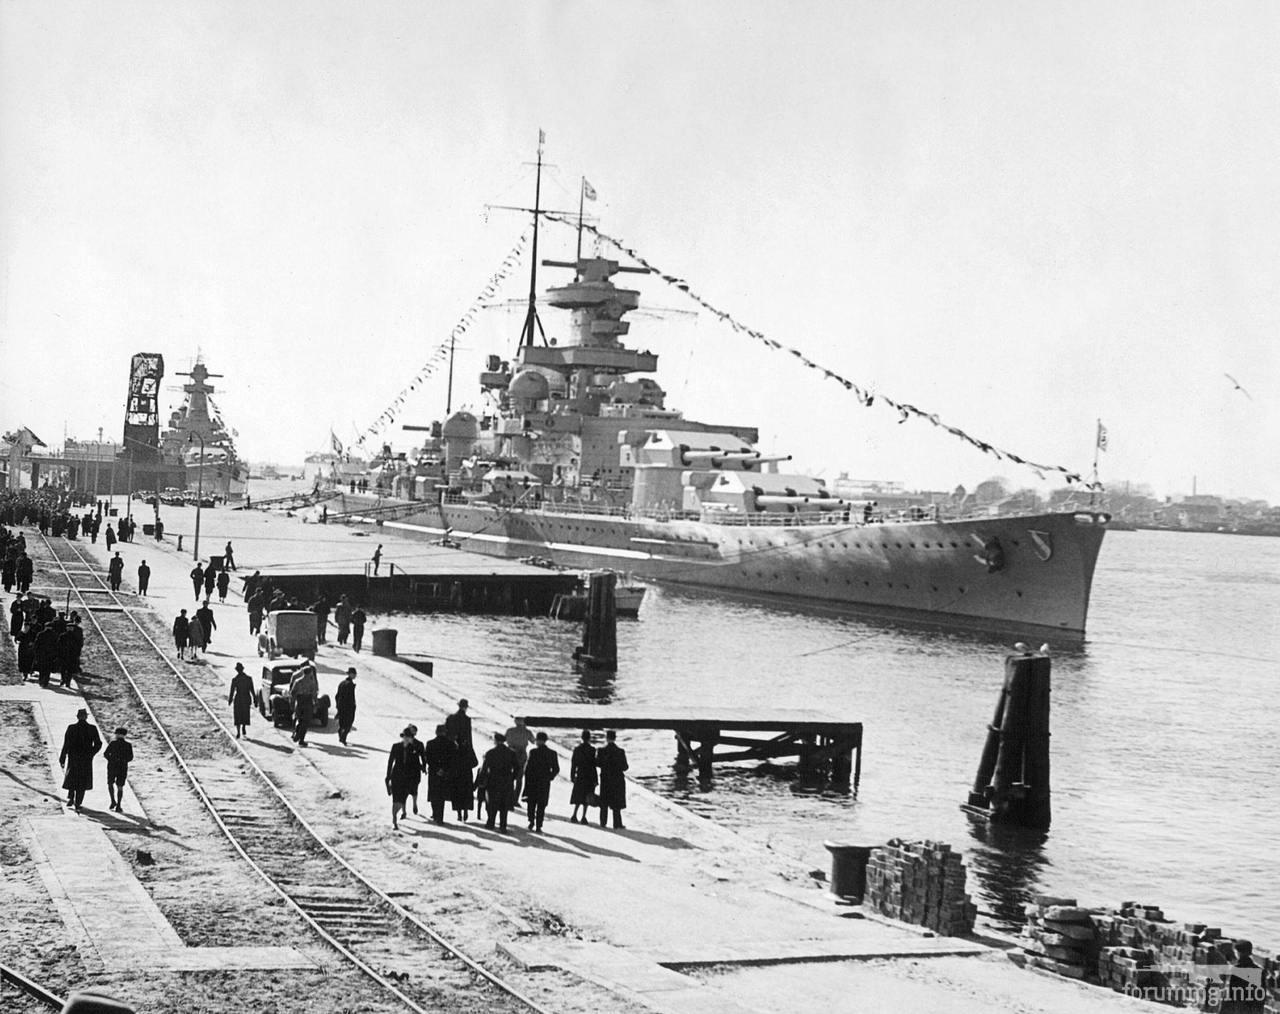 """118219 - Линкор Scharnhorst в Вильгельмсхафене, 2 апреля 1939 г. Корабль украшен флагами по случаю спуска на воду линкора Tirpitz и визита фюрера. За ним """"карманный линкор"""" Admiral Graf Spee."""